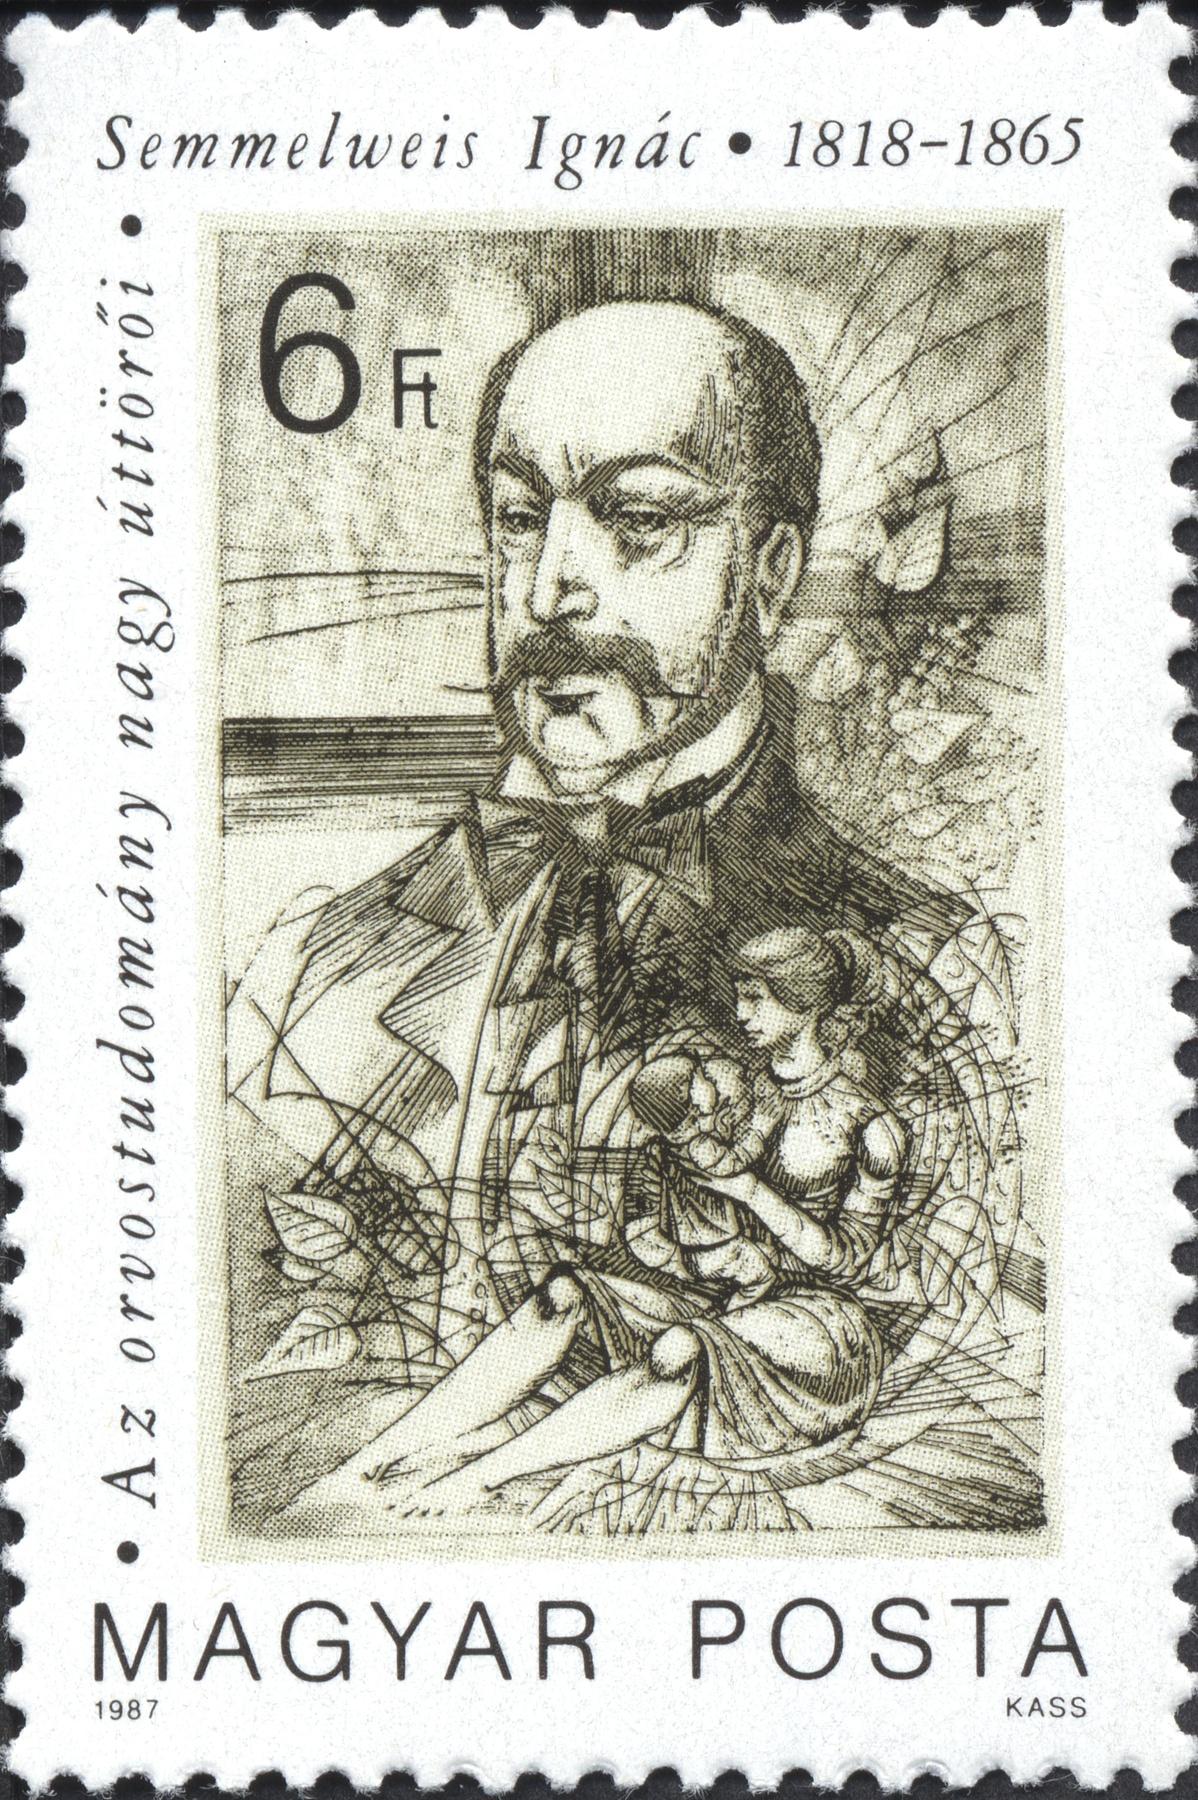 Semmelweis1-min-153315.jpg